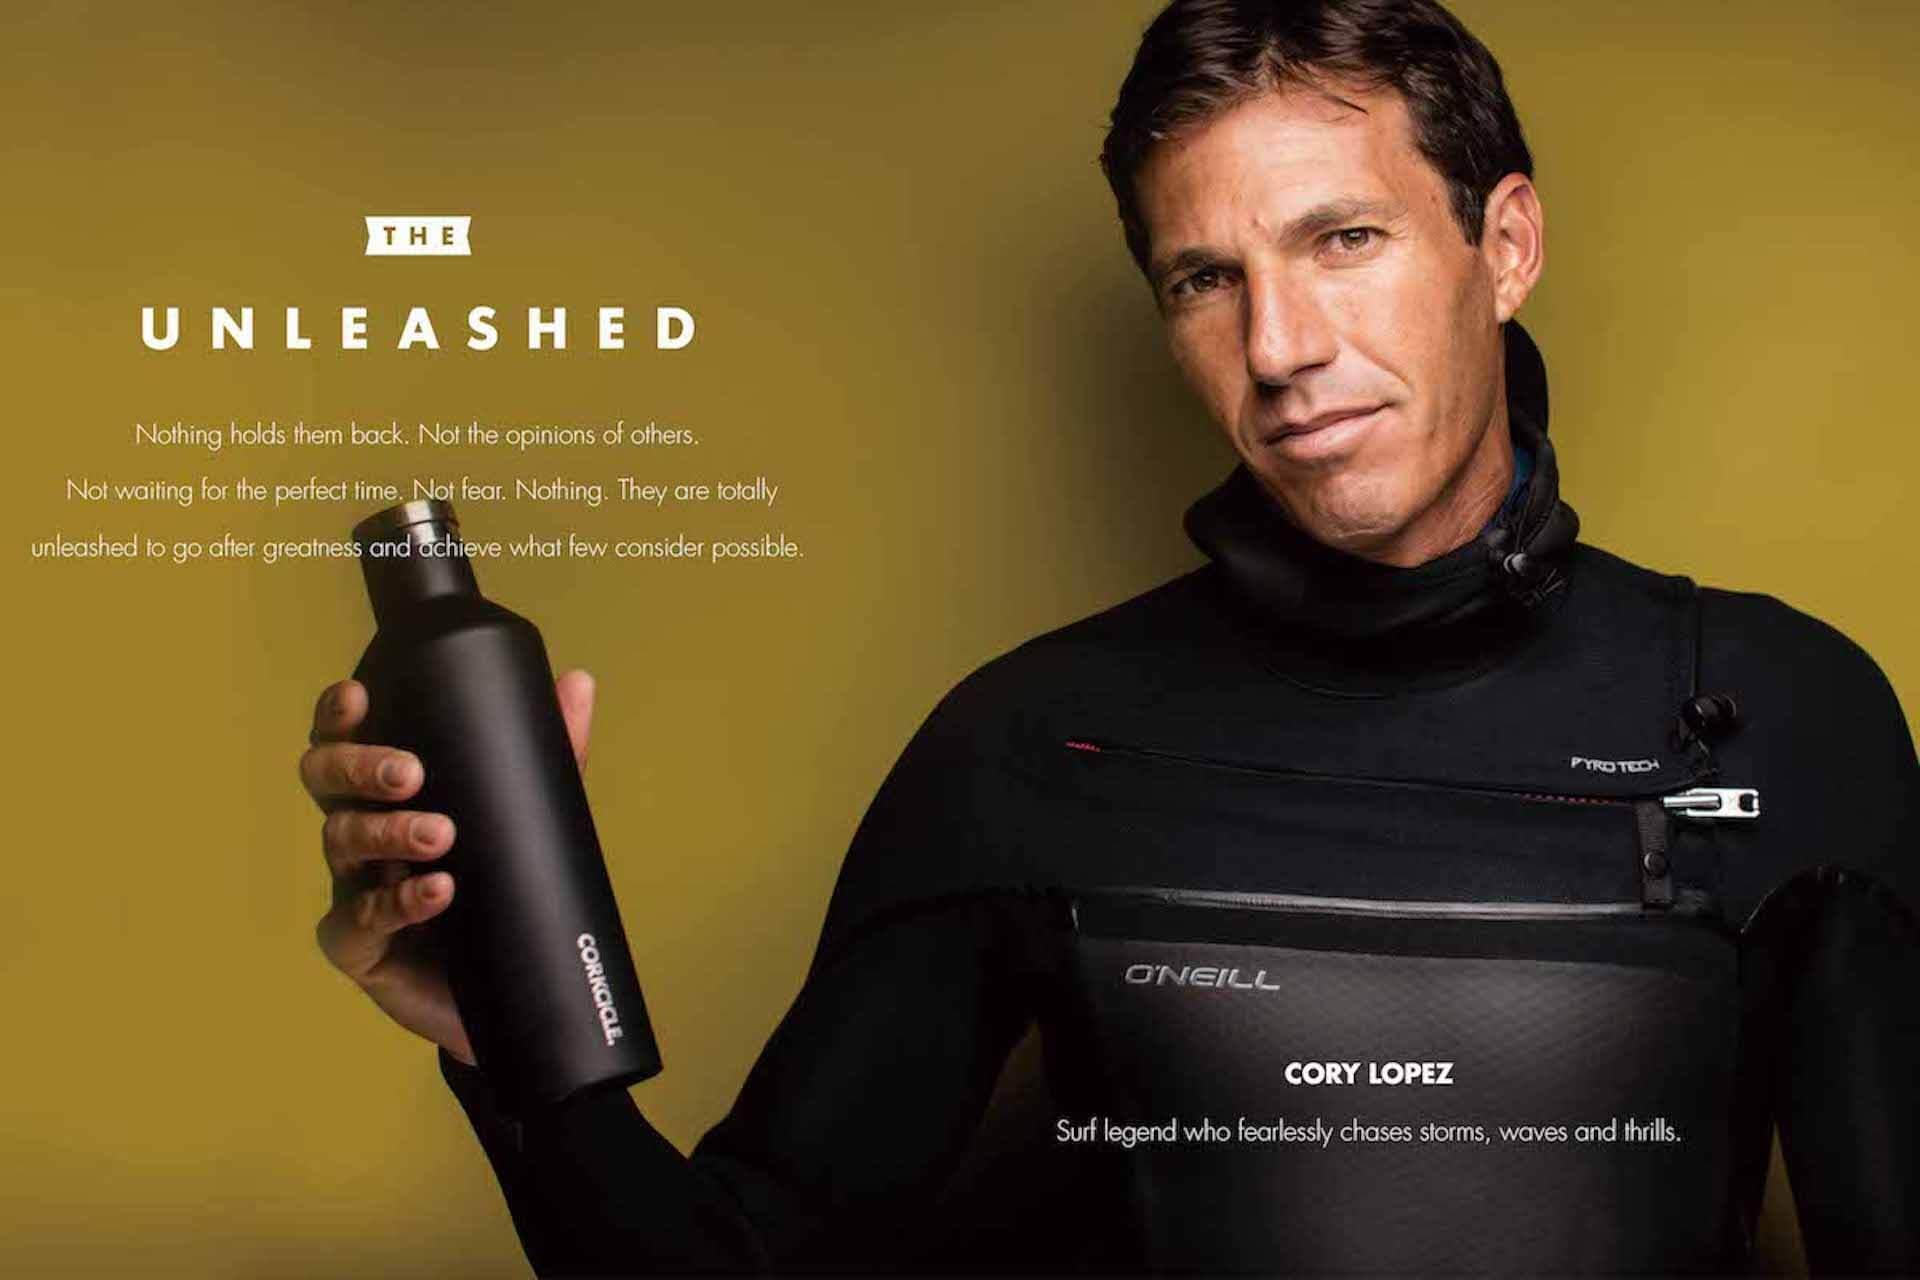 【2020年・最新おすすめ水筒21選!】スリムから大容量まで、機能性とデザイン性を兼ね備えたおしゃれボトルを厳選! tech200730_jeep_bottle_12